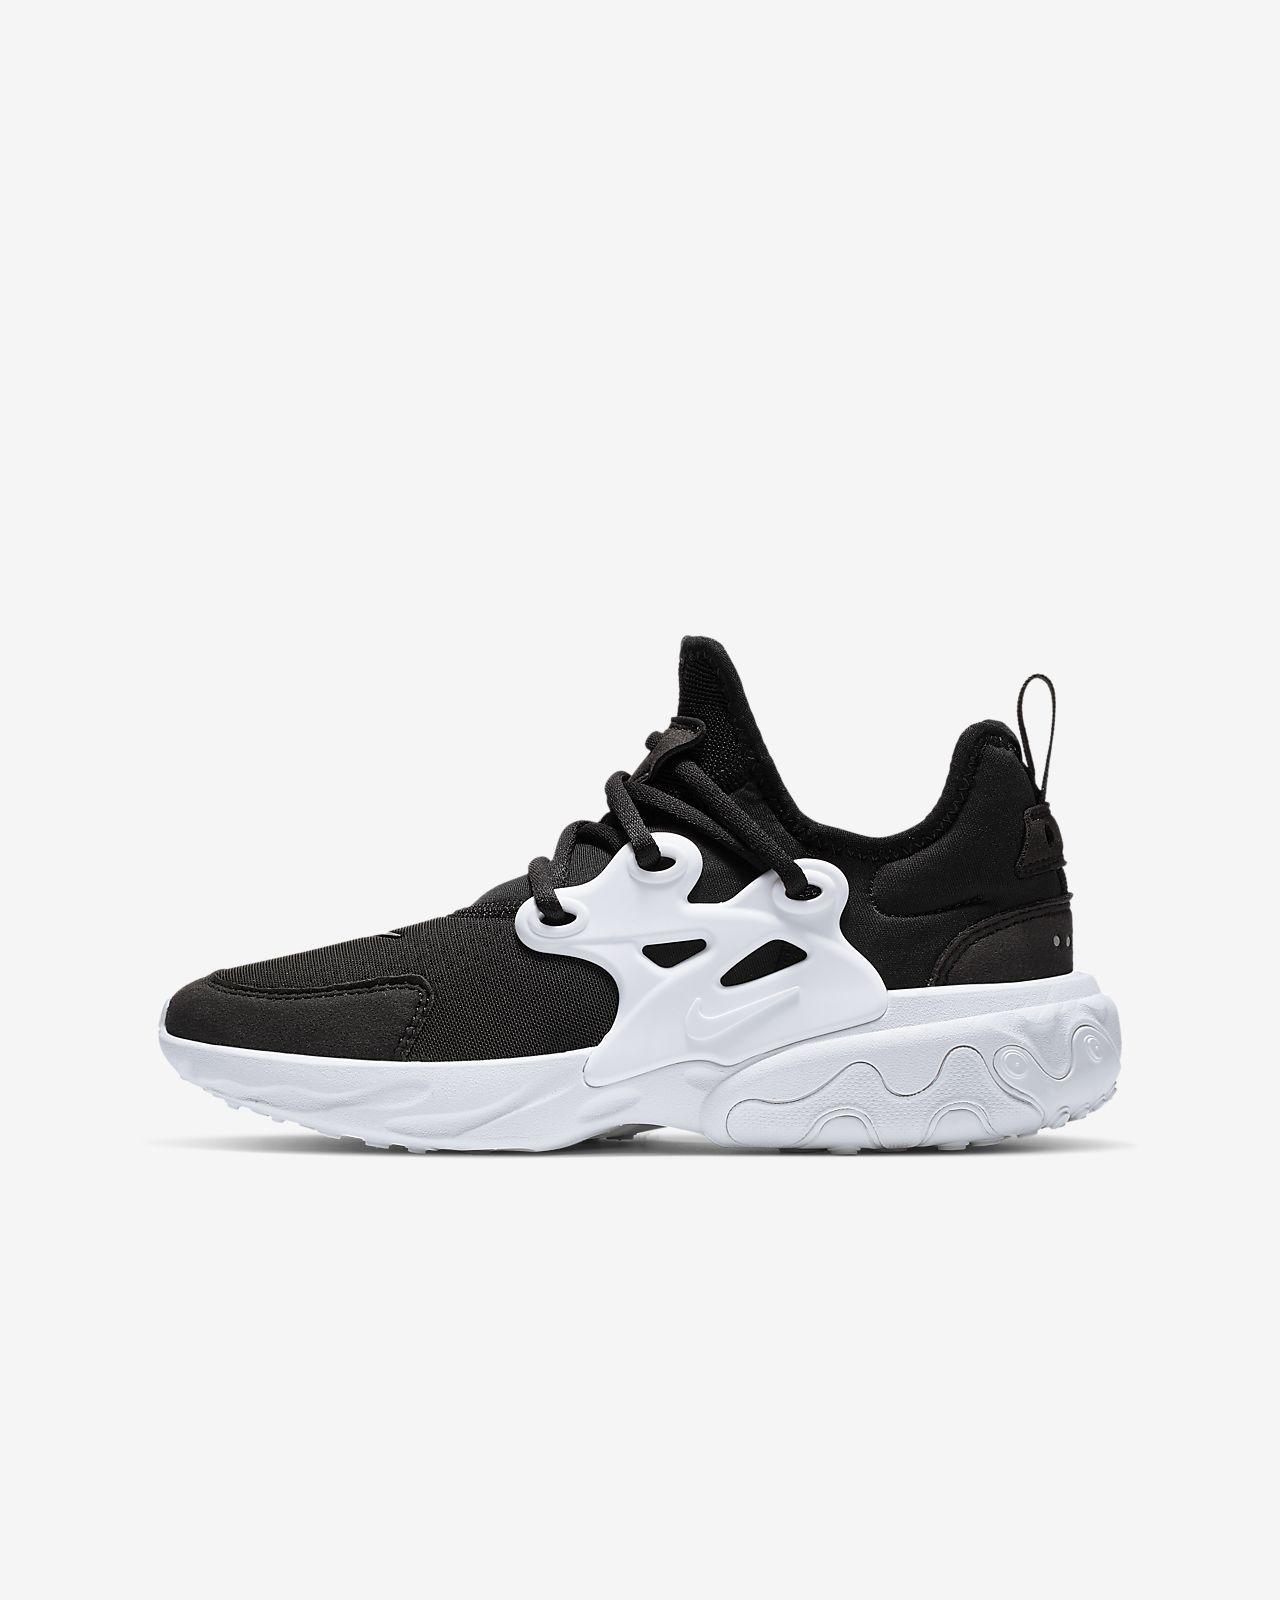 newest b141c 366a5 ... Chaussure Nike Presto React pour Enfant plus âgé